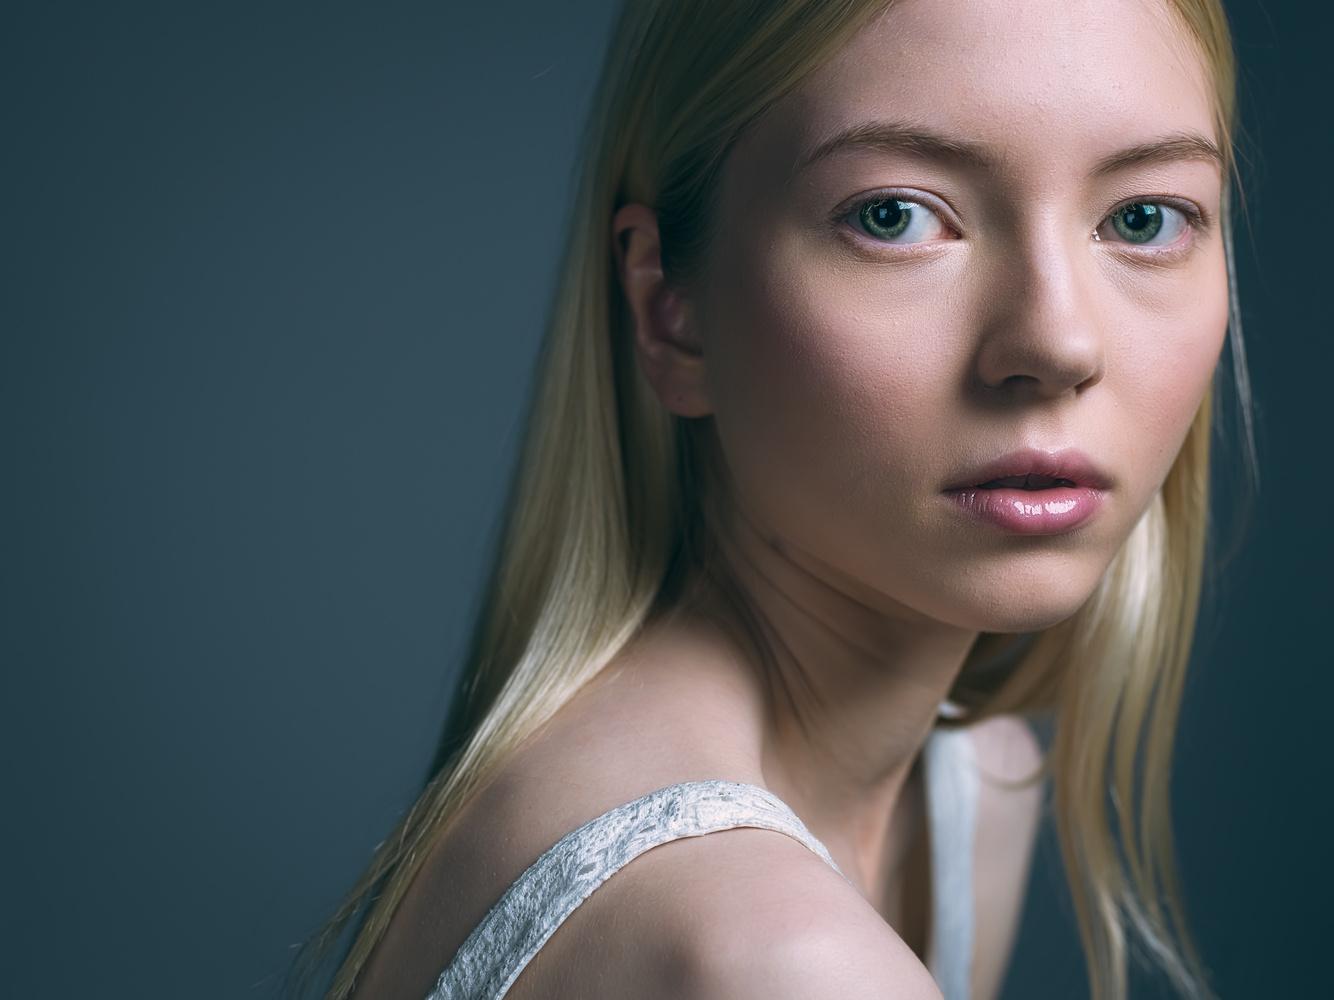 A portrait by Janne Kaasalainen